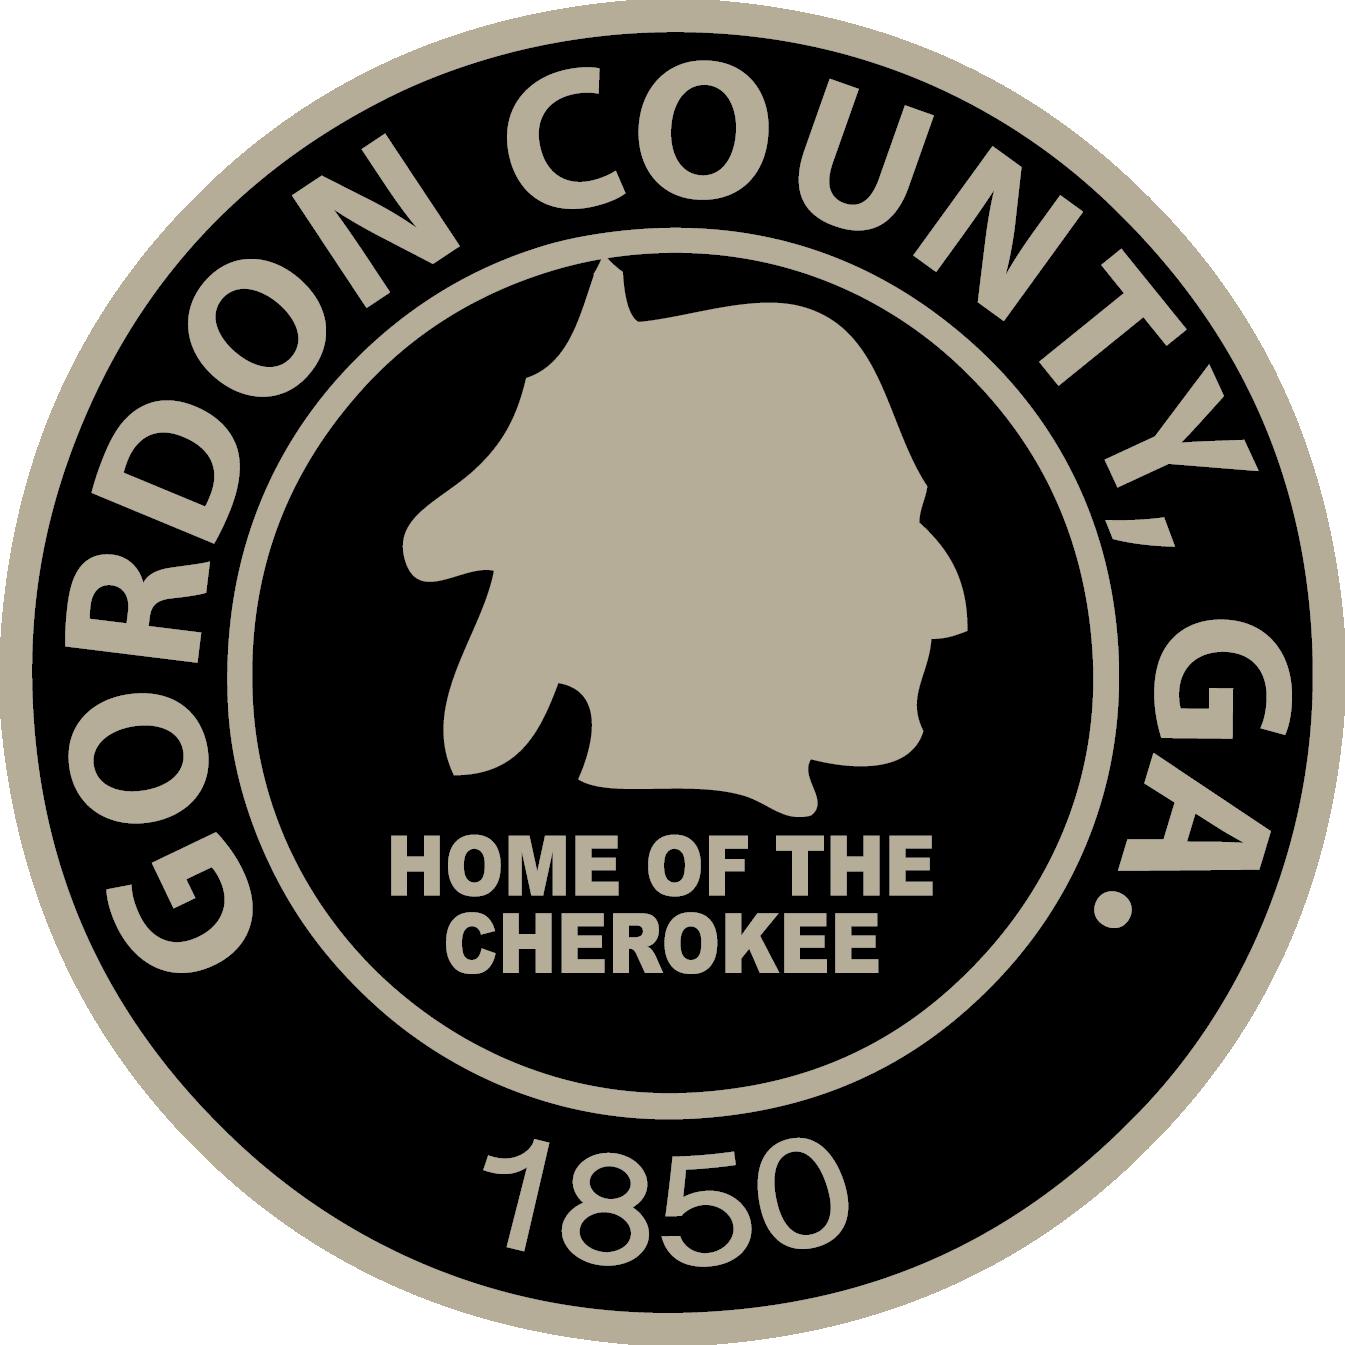 Gordon County, Georgia